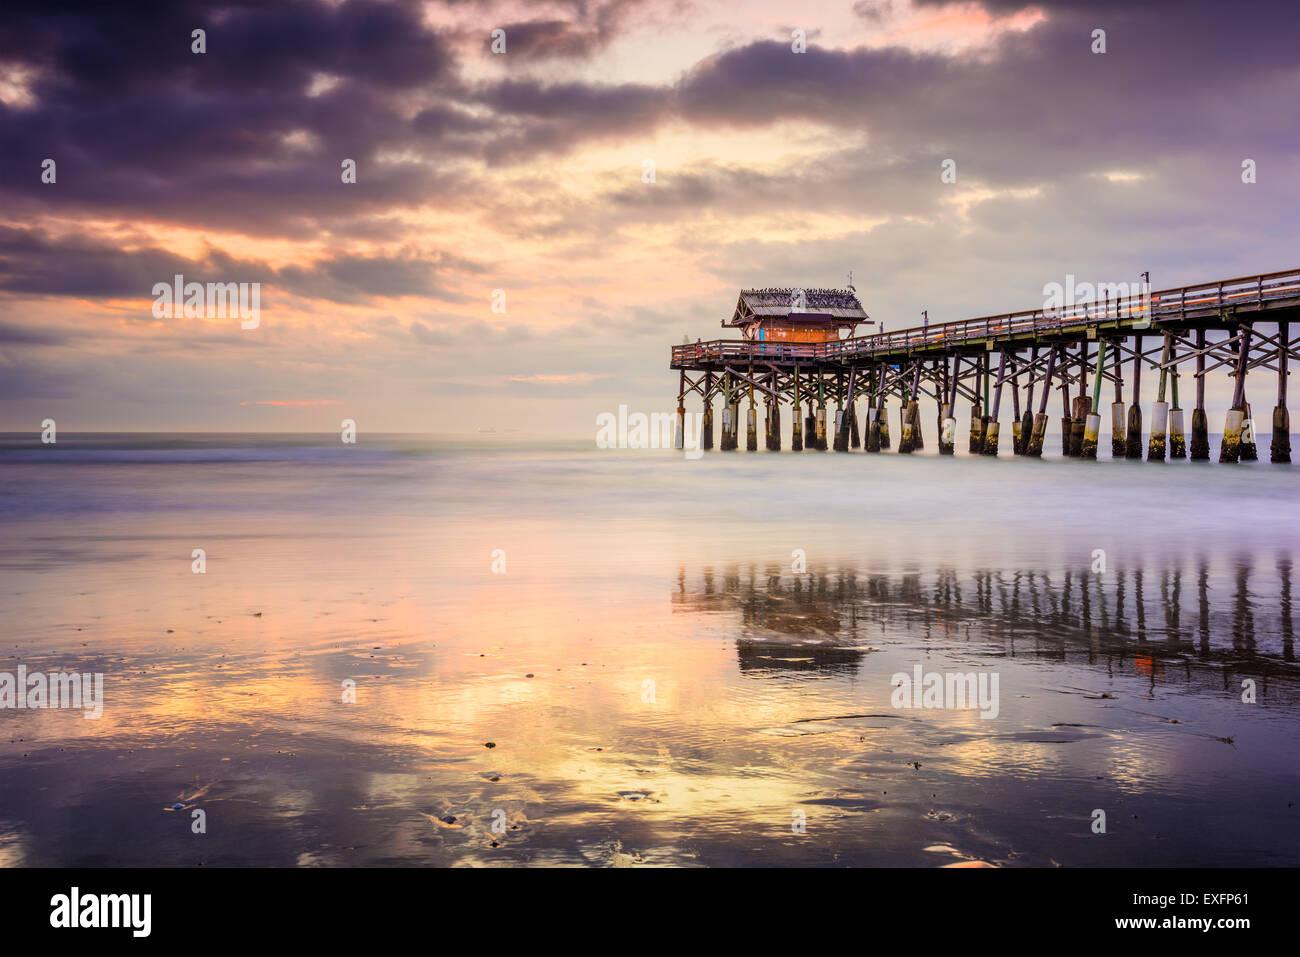 Cocoa Beach, Florida, Stati Uniti d'America presso il molo. Immagini Stock